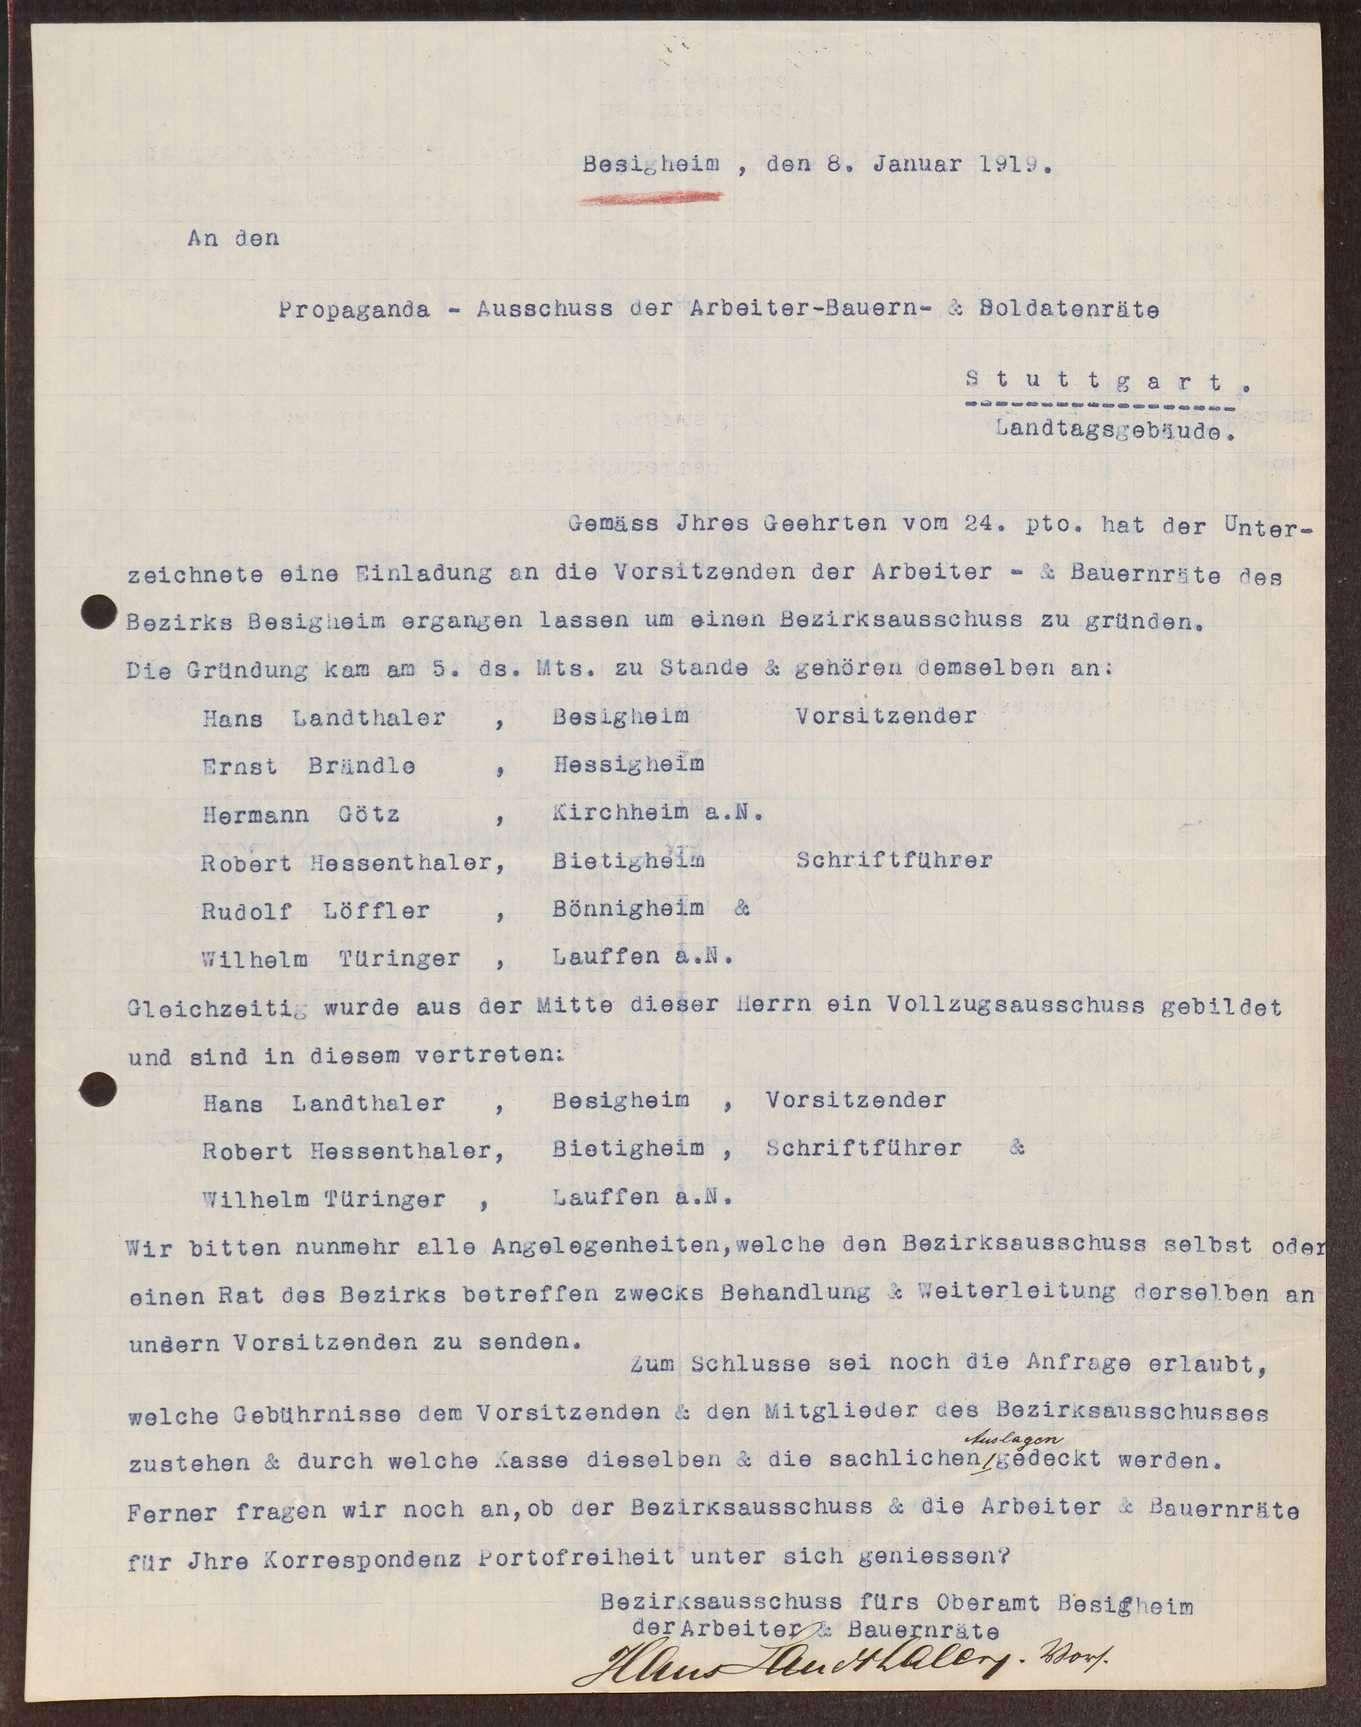 Wahl, Zusammensetzung und Auflösung der Arbeiter- und Bauernräte im Oberamt Besigheim, Bild 2